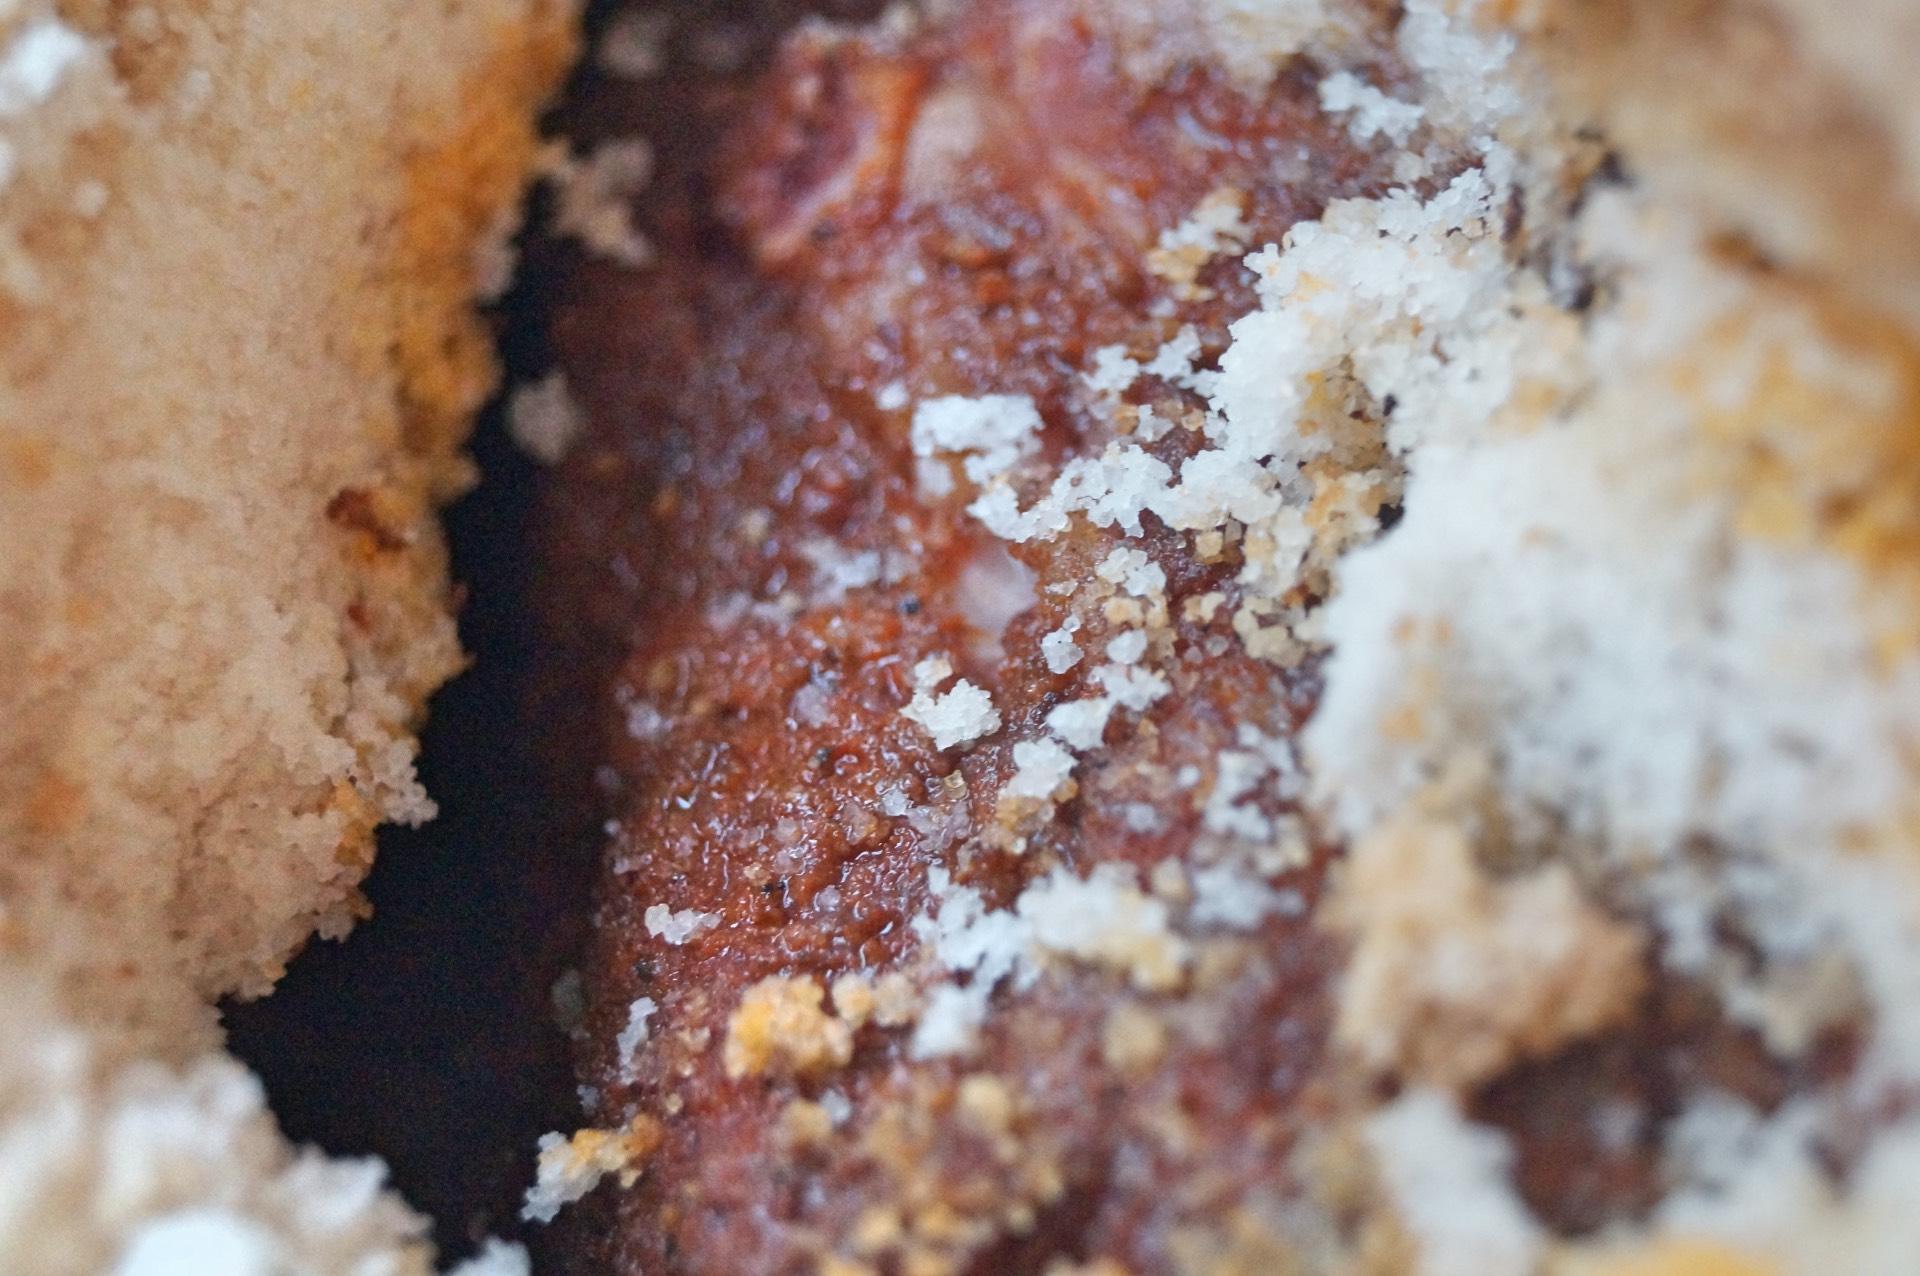 Pulled Pork Gasgrill 4 Stunden : Pulled pork als fast food geht das